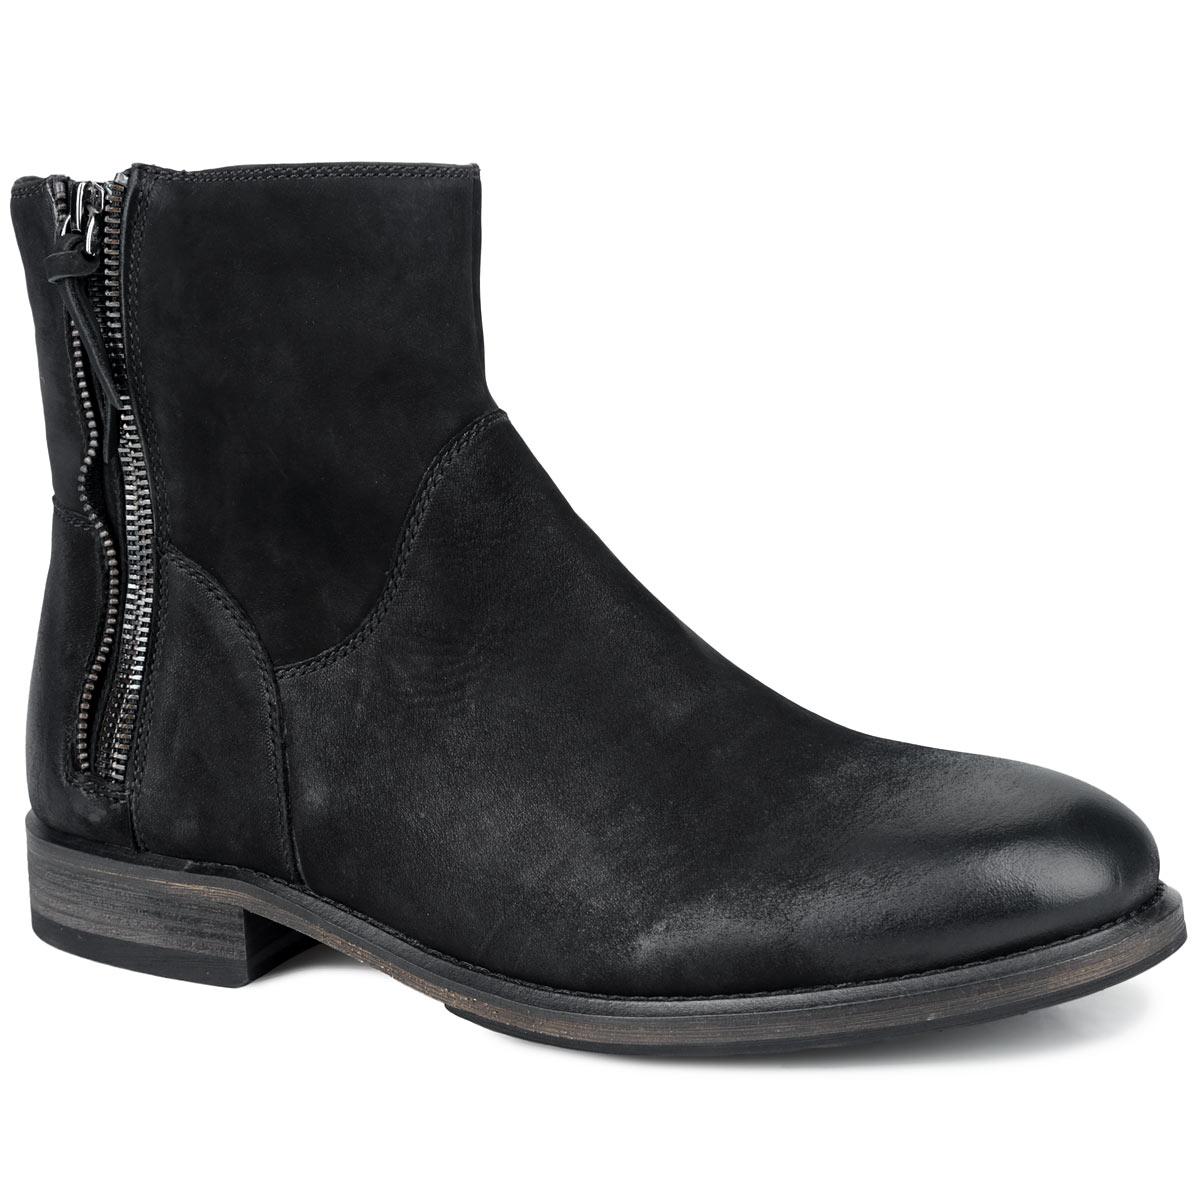 Ботинки мужские. M21069M21069Стильные мужские ботинки от Vitacci заинтересуют вас своим дизайном с первого взгляда! Модель выполнена из натурального нубука, плавно переходящего в гладкую кожу на мысе и заднике. Подкладка и стелька, выполненные из мягкого ворсина, защитят ноги от холода и обеспечат комфорт. Сбоку изделие оформлено оригинальной декоративной молнией. Ботинки застегиваются на застежку-молнию, расположенную сбоку. Подошва из резины с рельефным протектором обеспечивает отличное сцепление на любой поверхности. В этих ботинках вашим ногам будет комфортно и уютно. Они подчеркнут ваш стиль и индивидуальность.